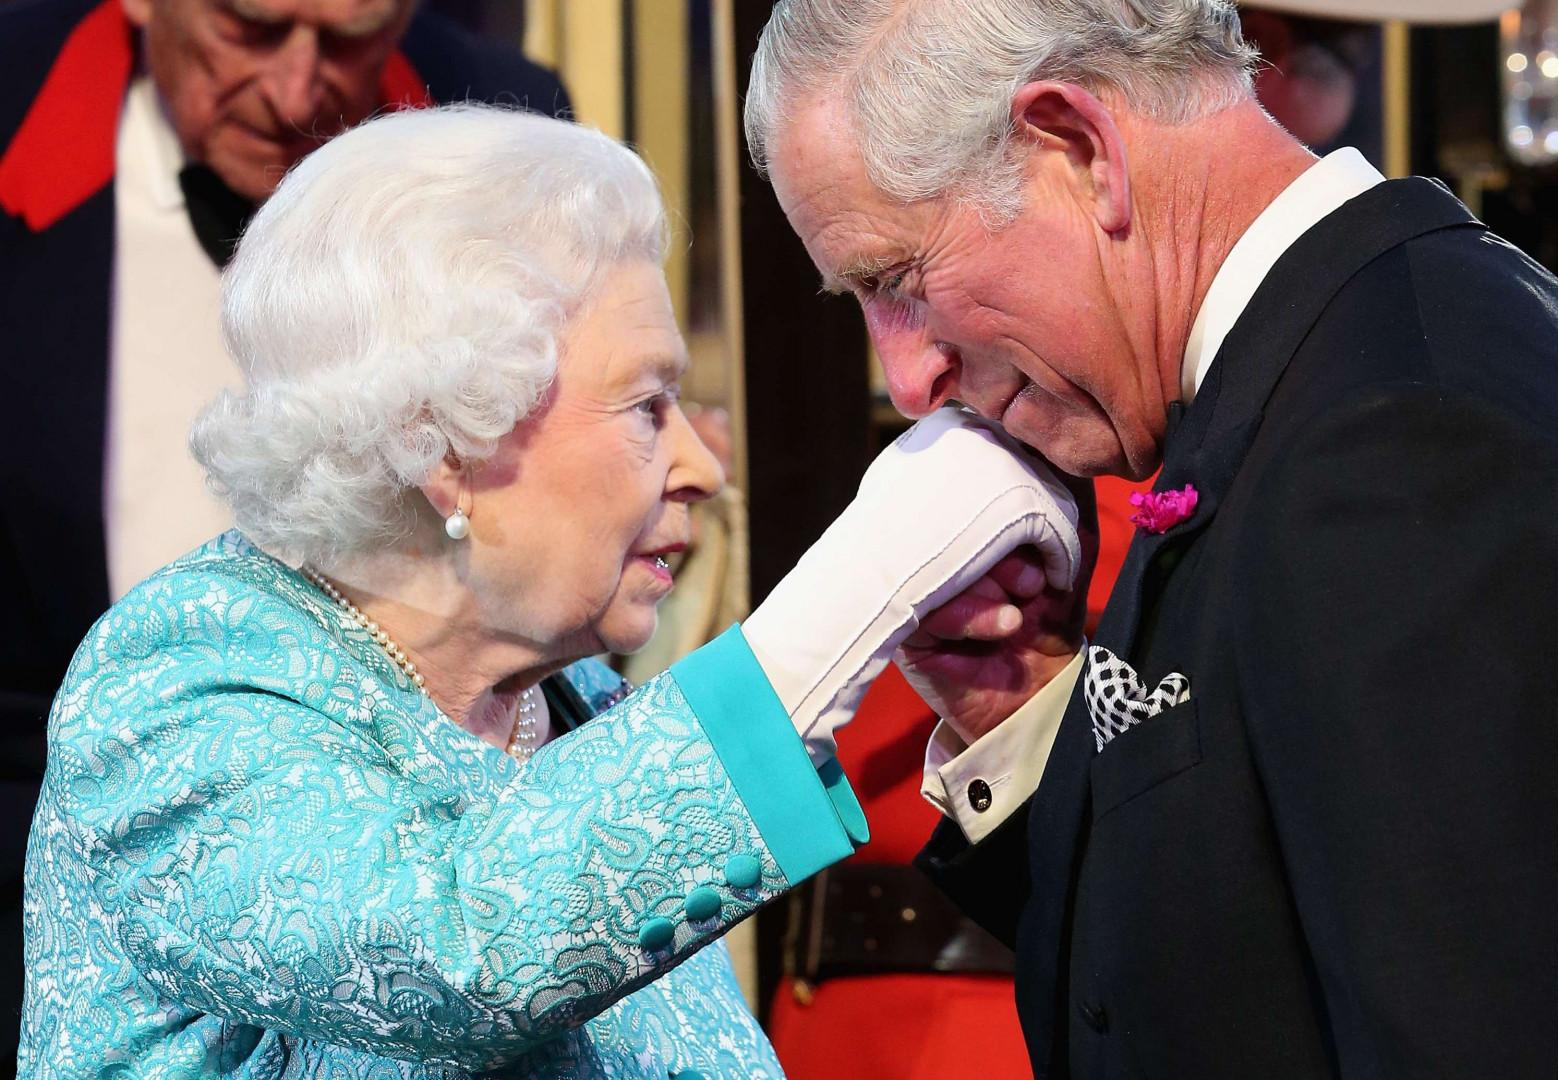 Le prince Charles salue sa mère, la Reine Elizabeth II, à l'occasion de ses 90 ans le 15 mai 2016